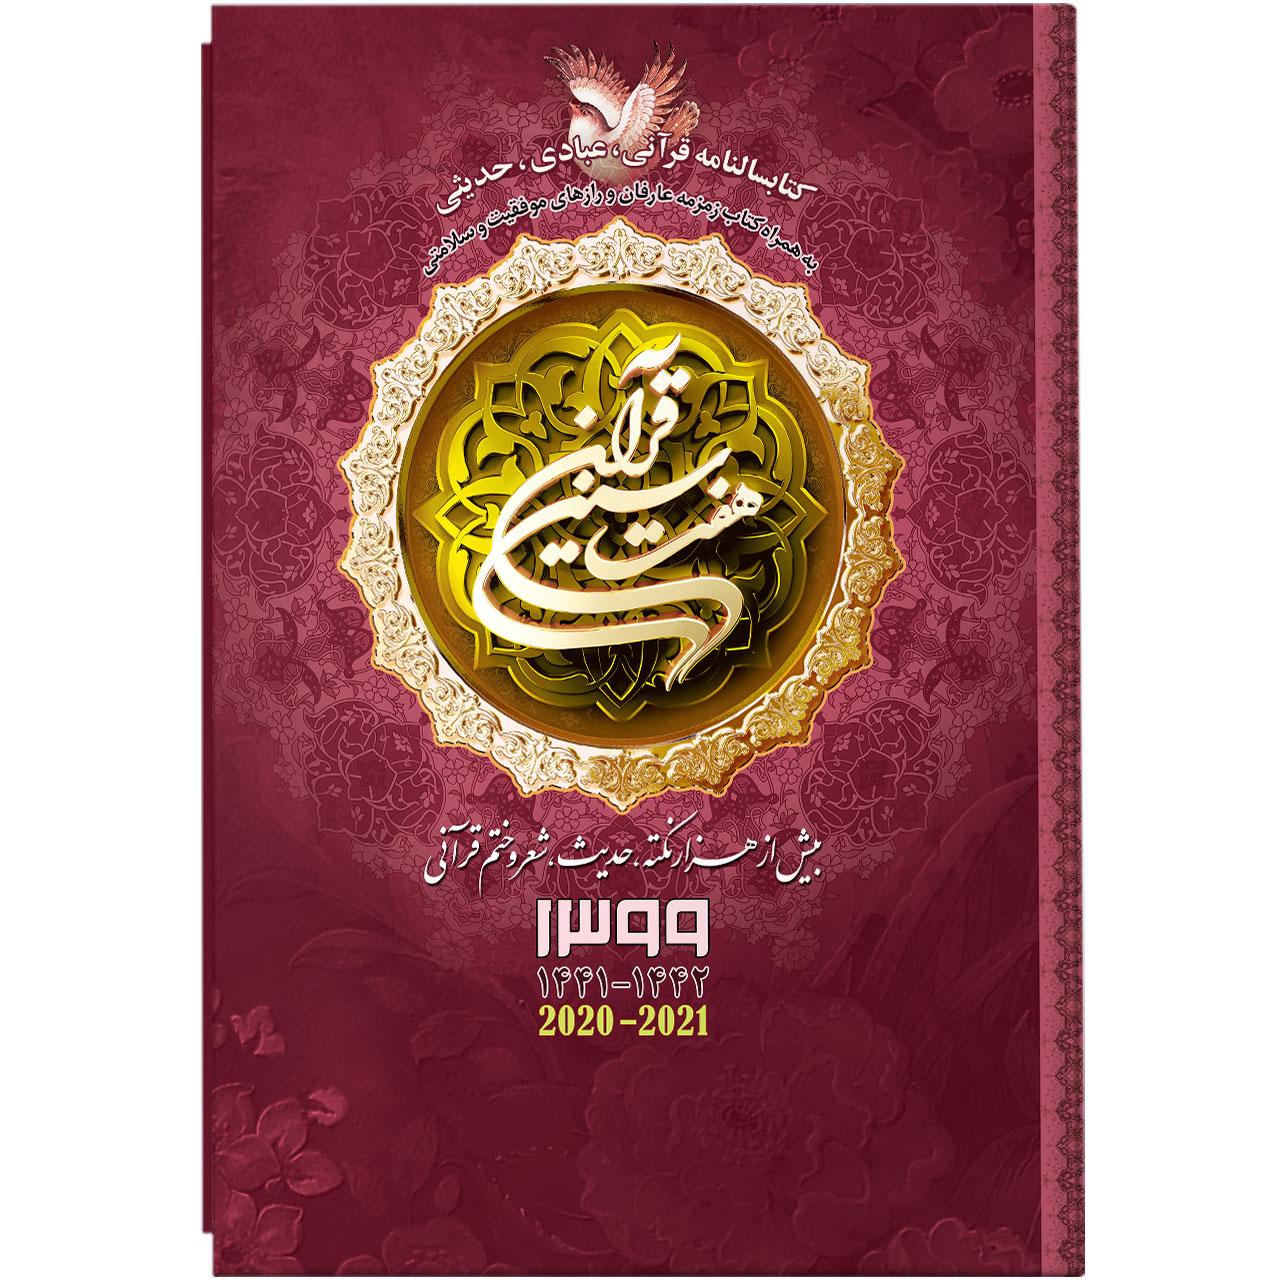 سالنامه سال 1399 انتشارات بحارالانوار کد 2